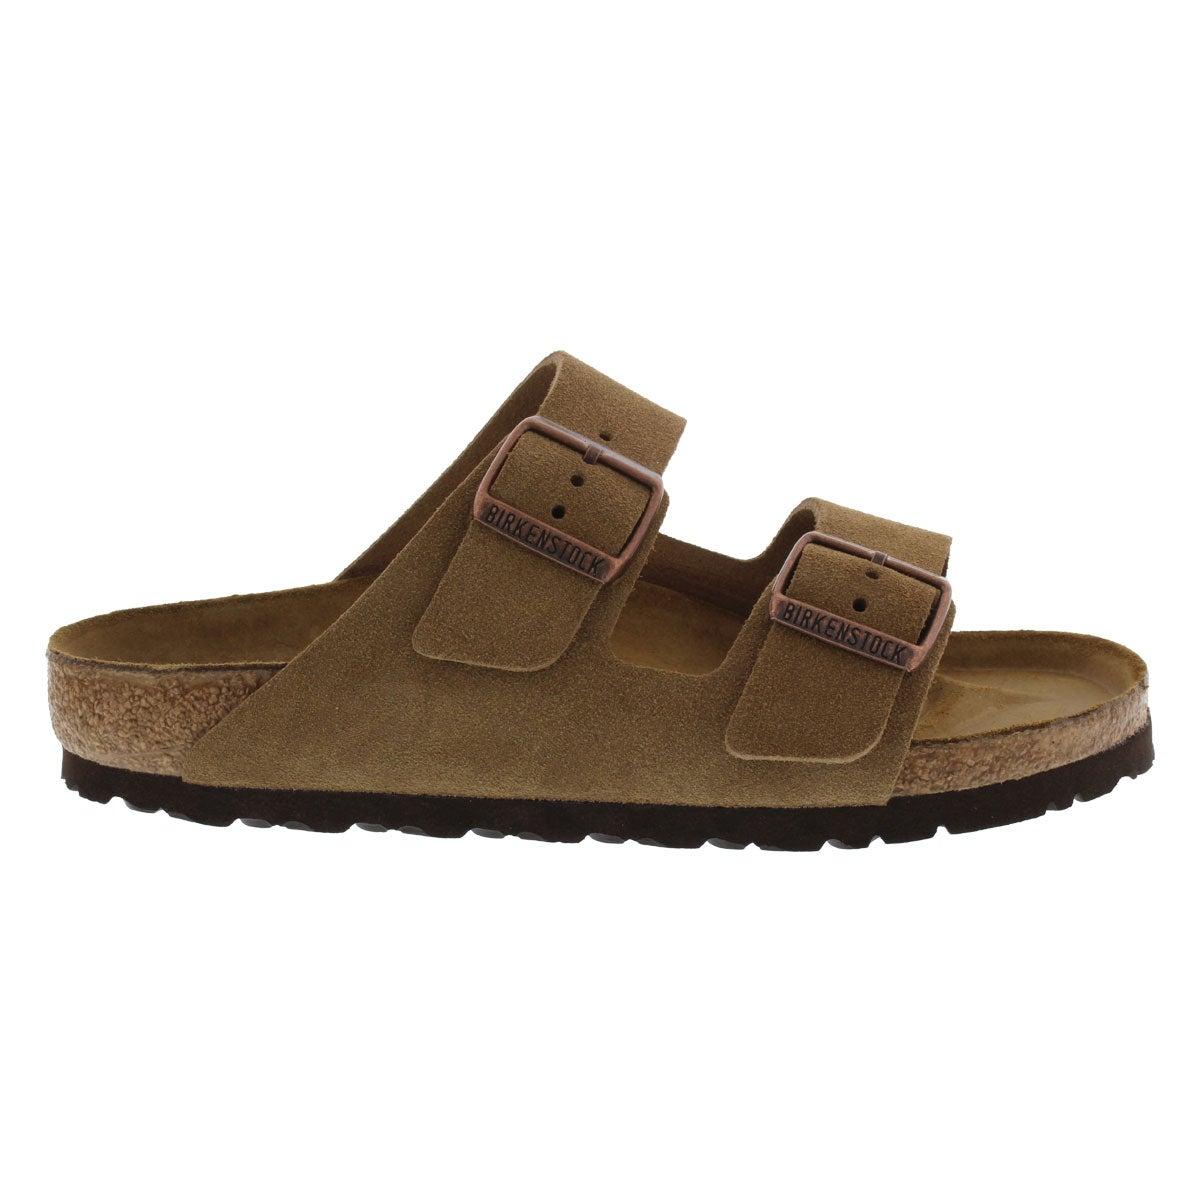 Mns Arizona brown suede 2 strap sandal